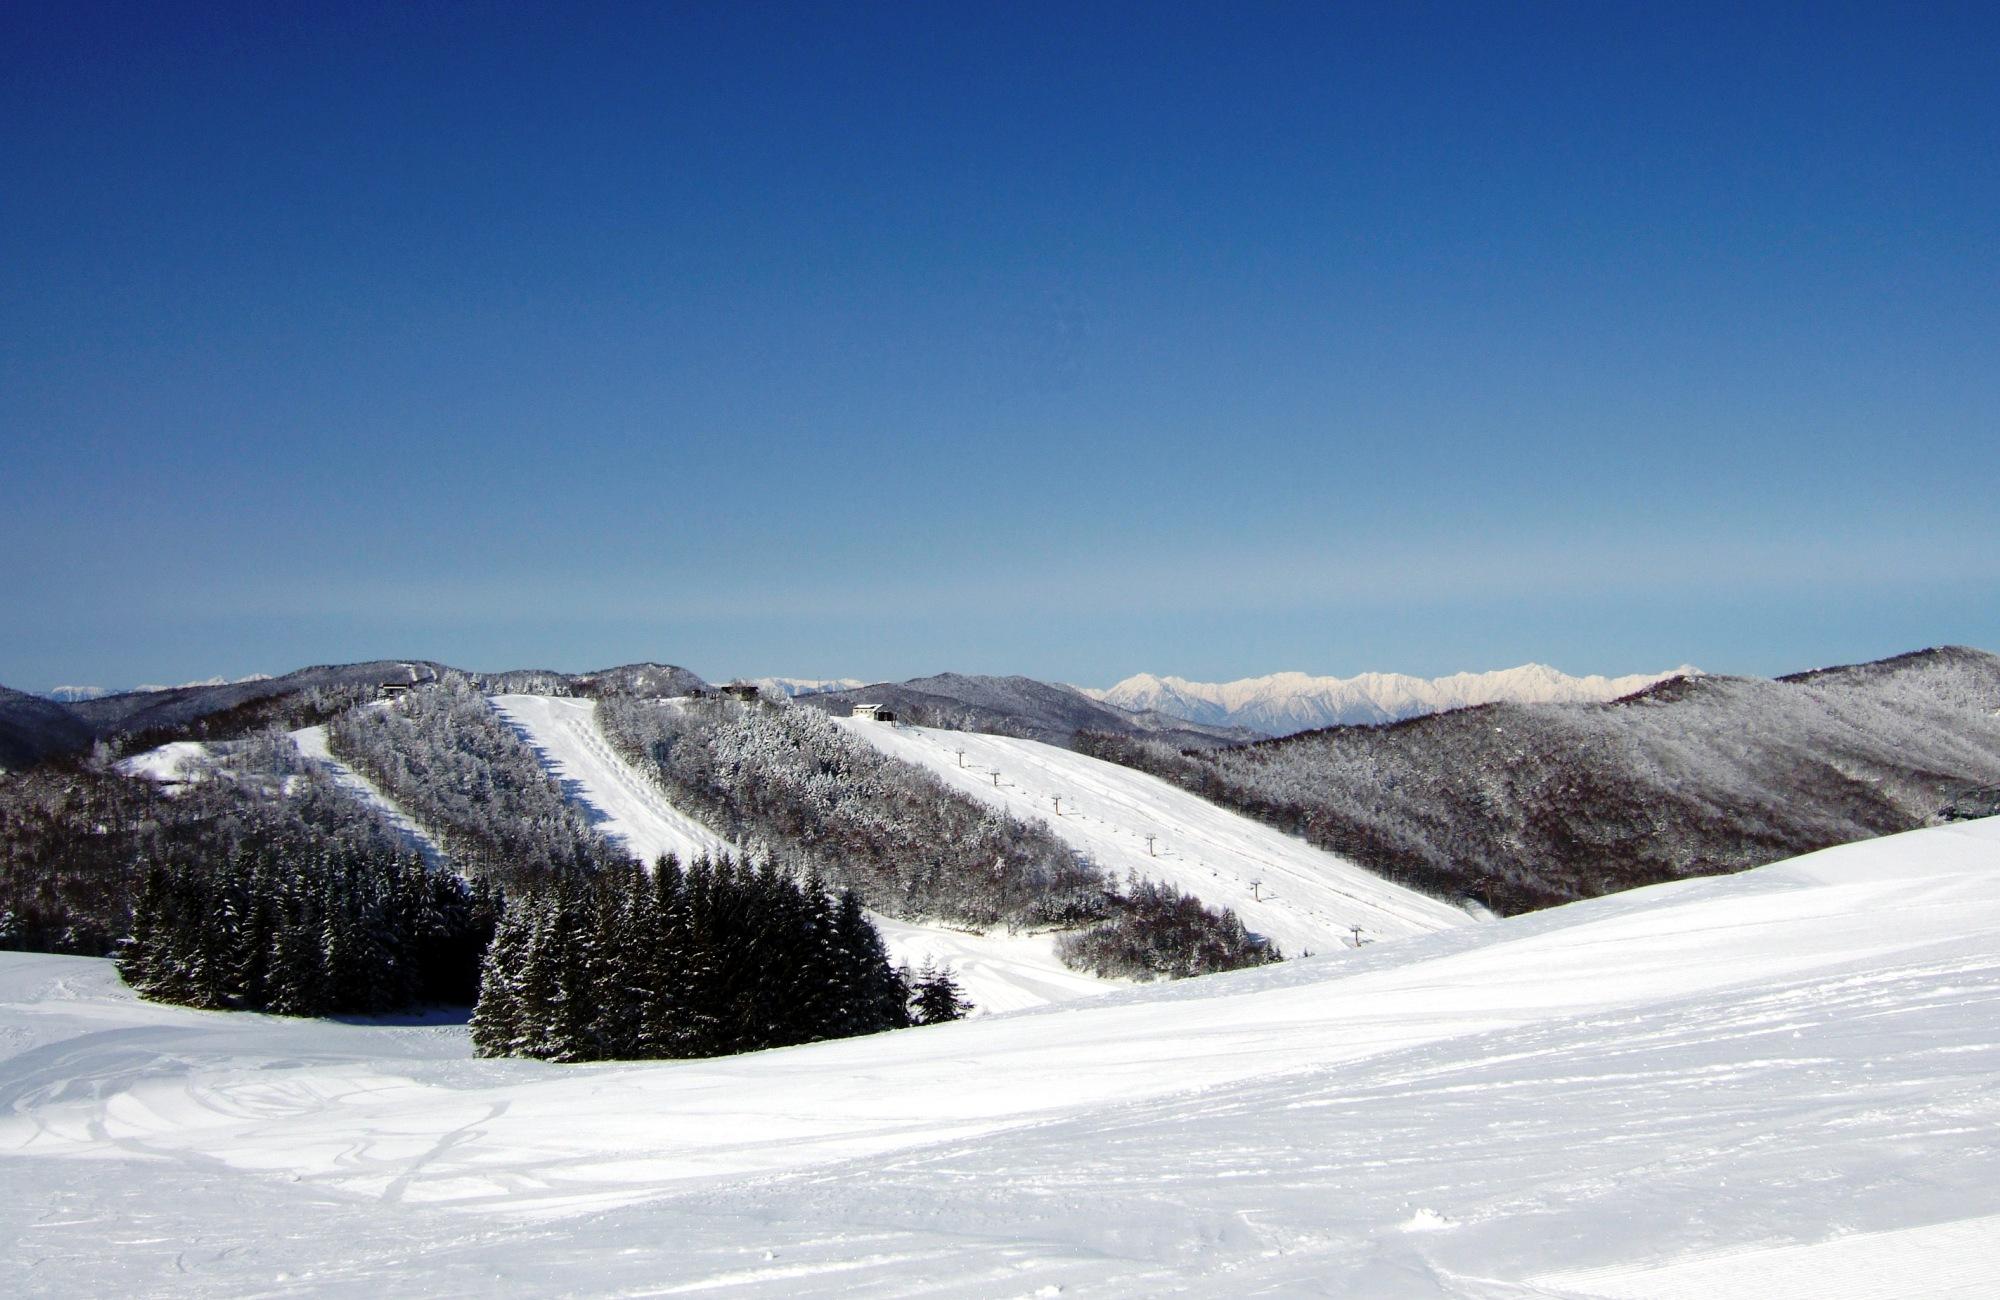 裏ダボスから見た太郎エリアと後立山連峰